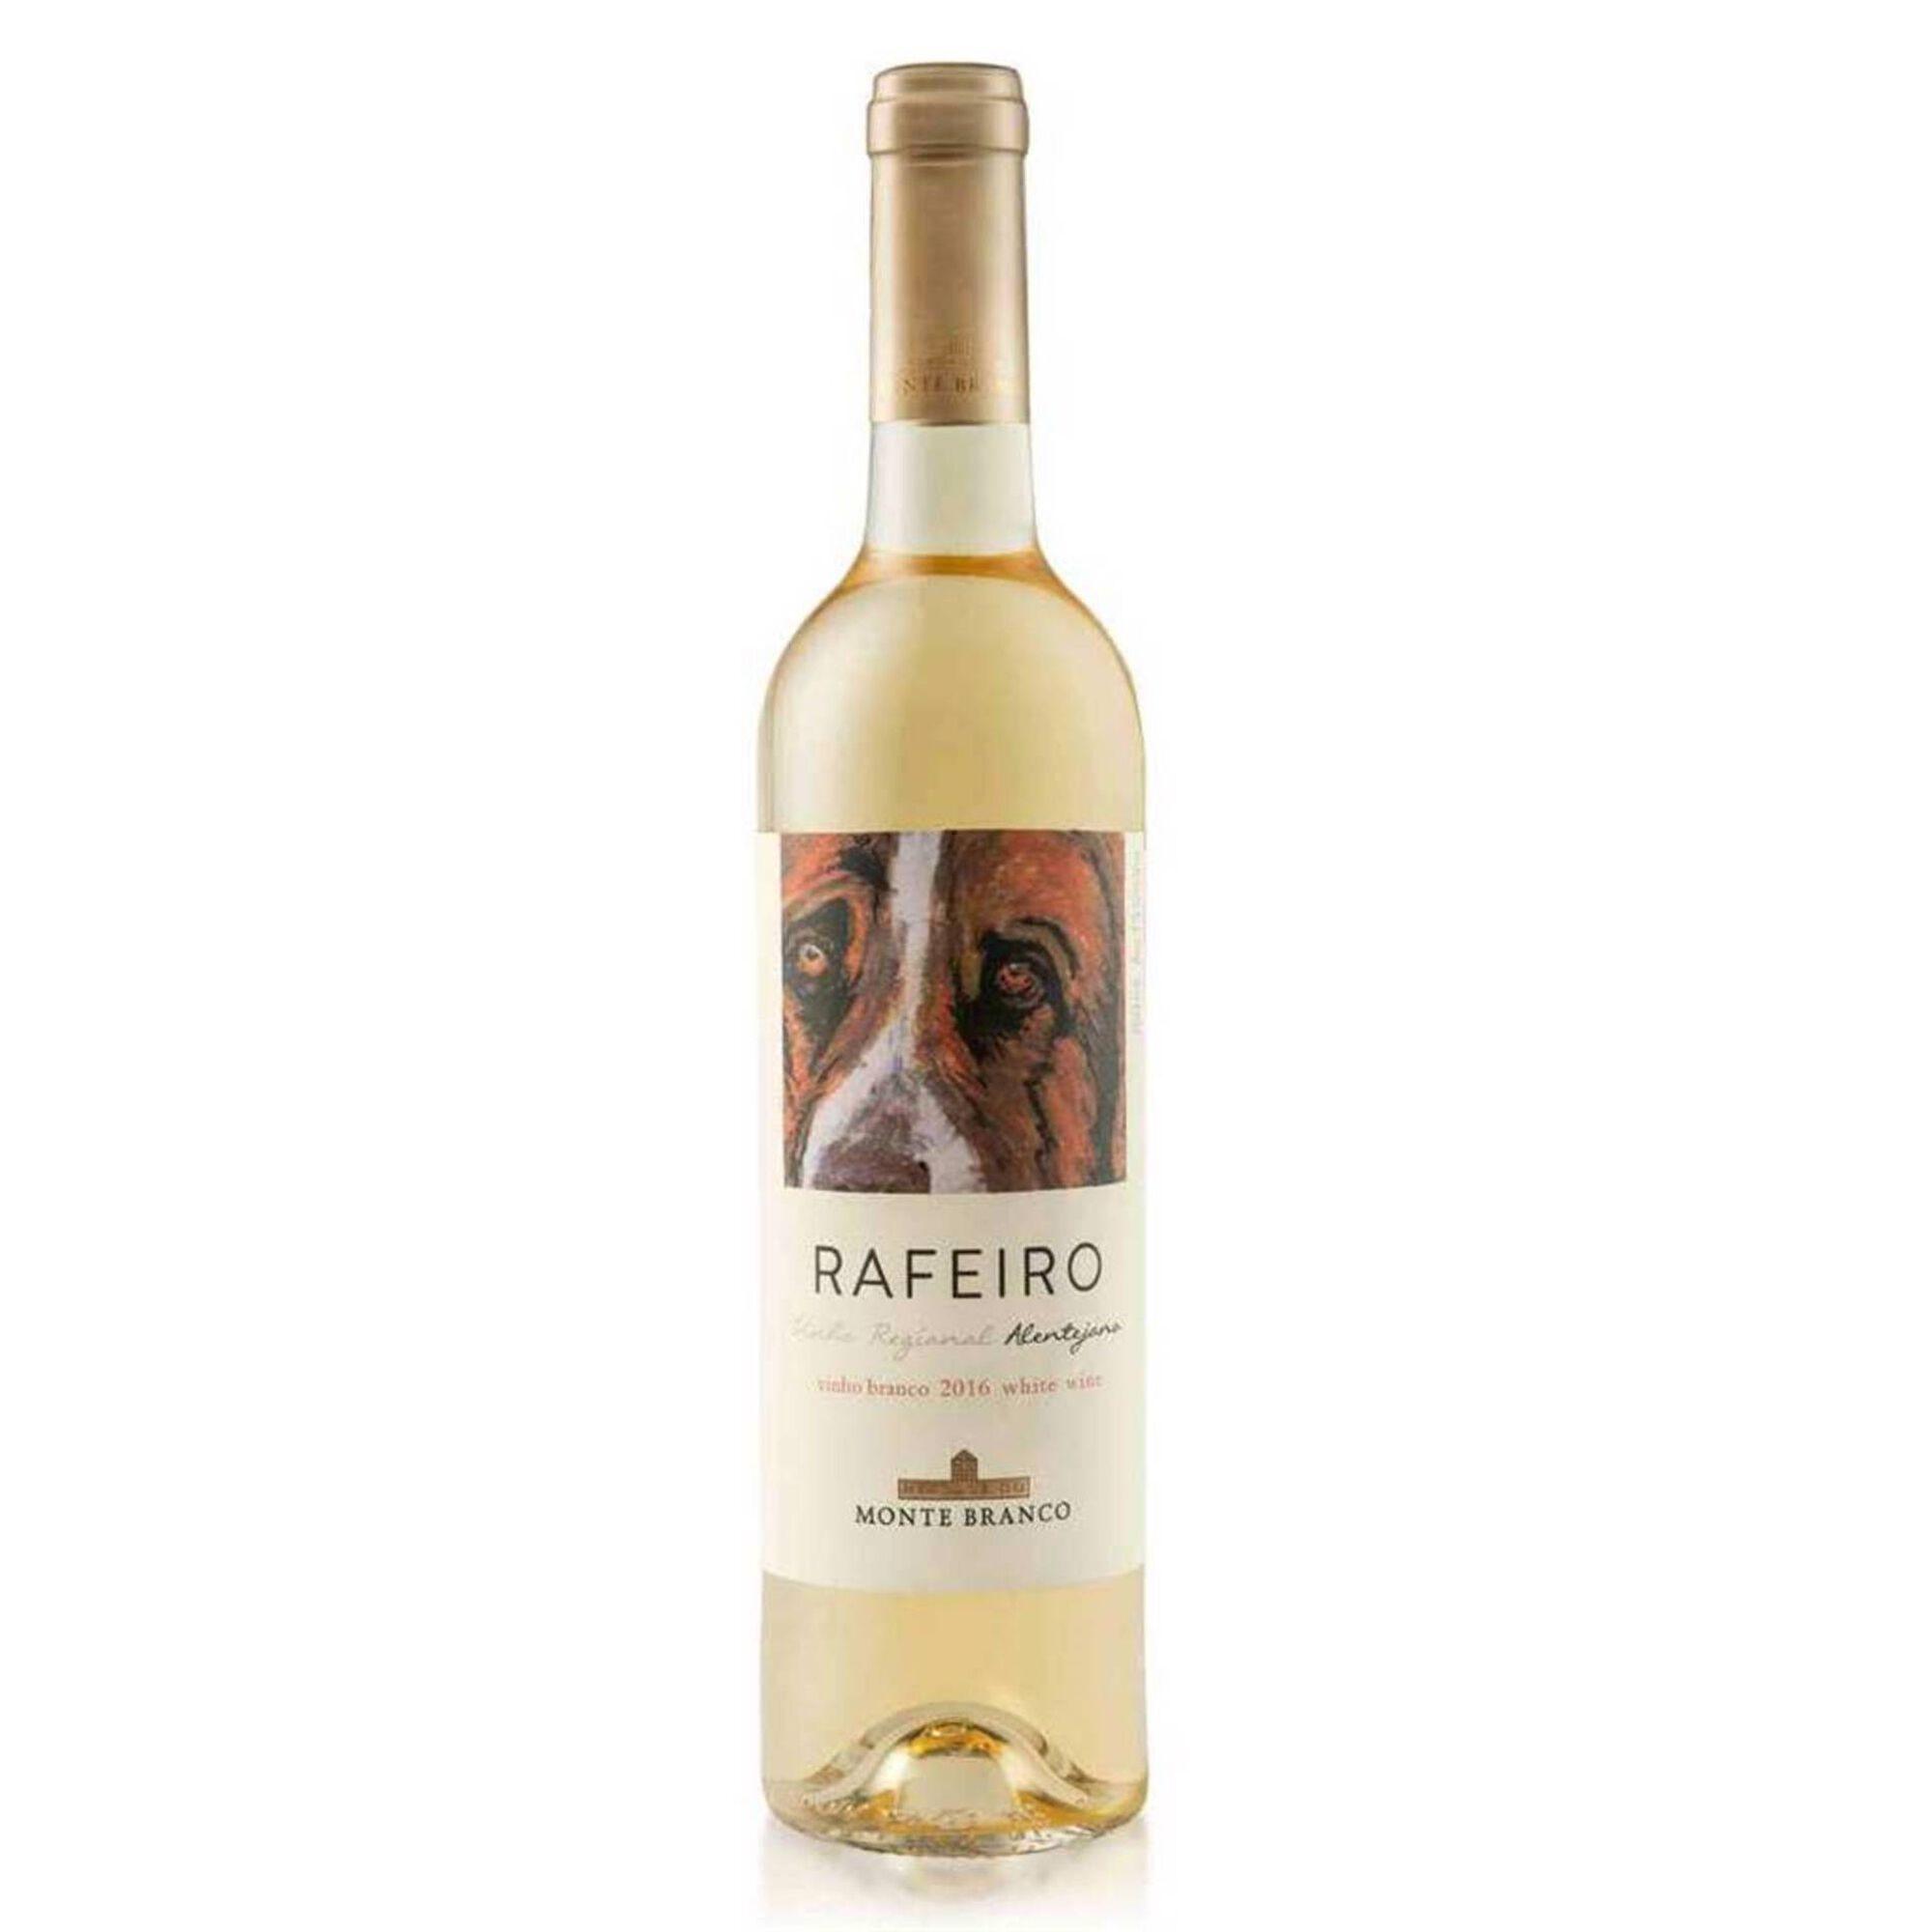 Rafeiro Regional Alentejano Vinho Branco